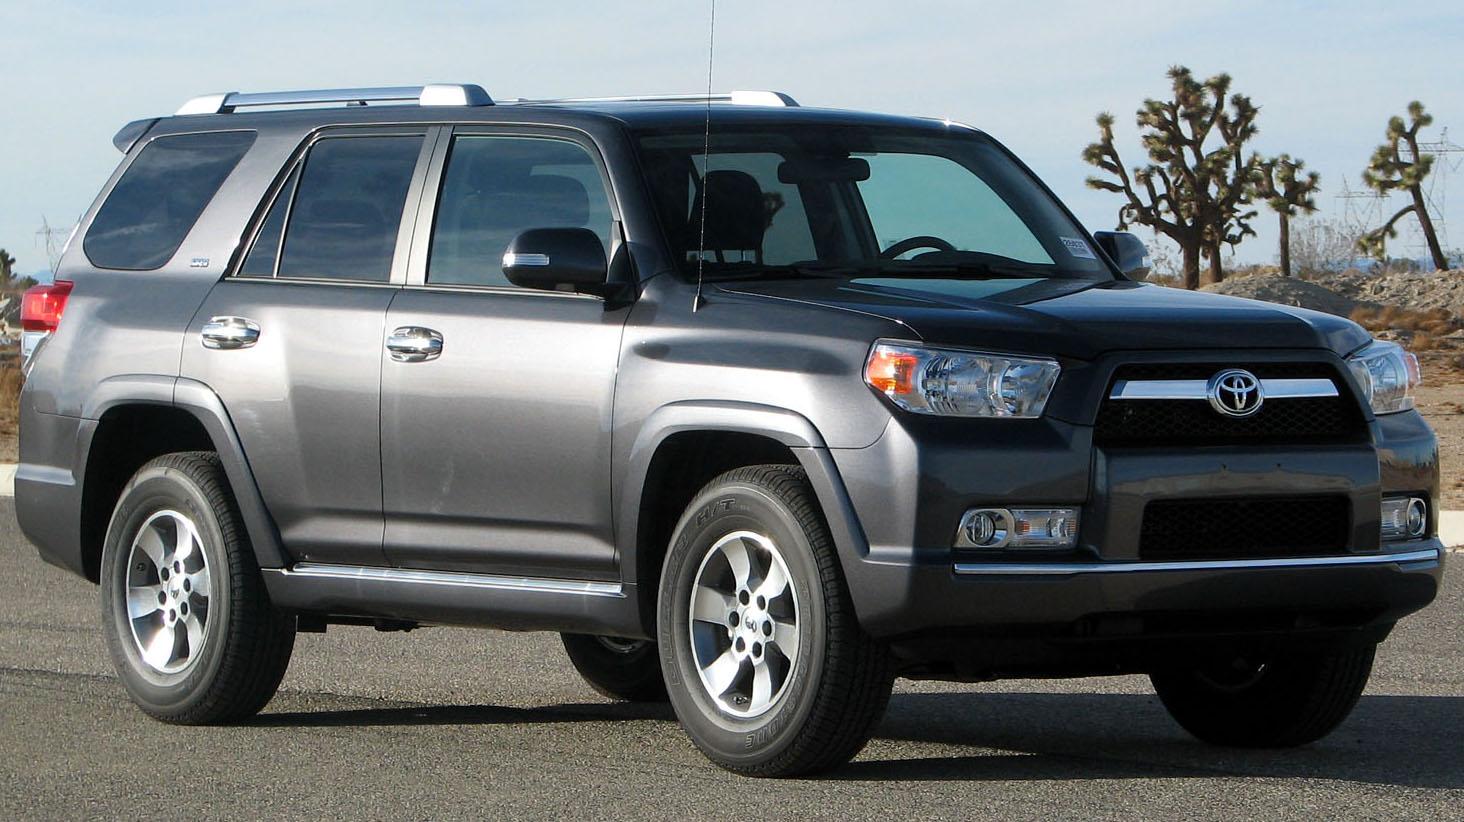 Toyota Four Runner >> File:2010 Toyota 4Runner SR5 -- NHTSA 2.jpg - Wikimedia Commons